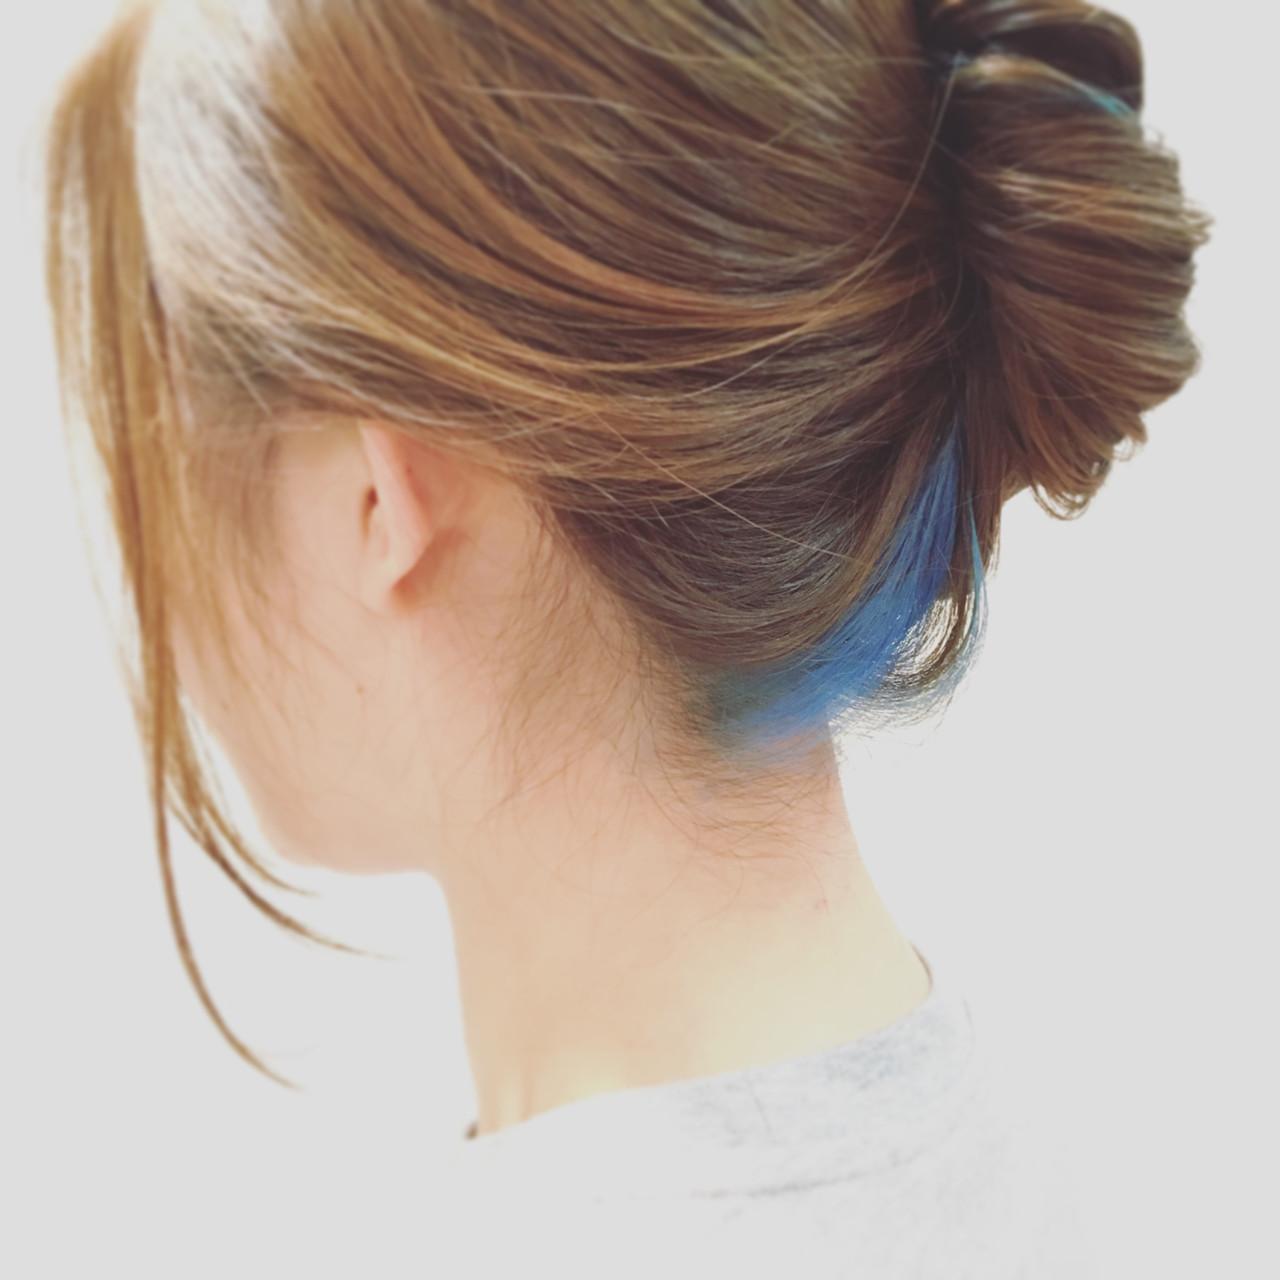 スモーキーカラー ロング ナチュラル ヘアアレンジ ヘアスタイルや髪型の写真・画像   fuji / re:s